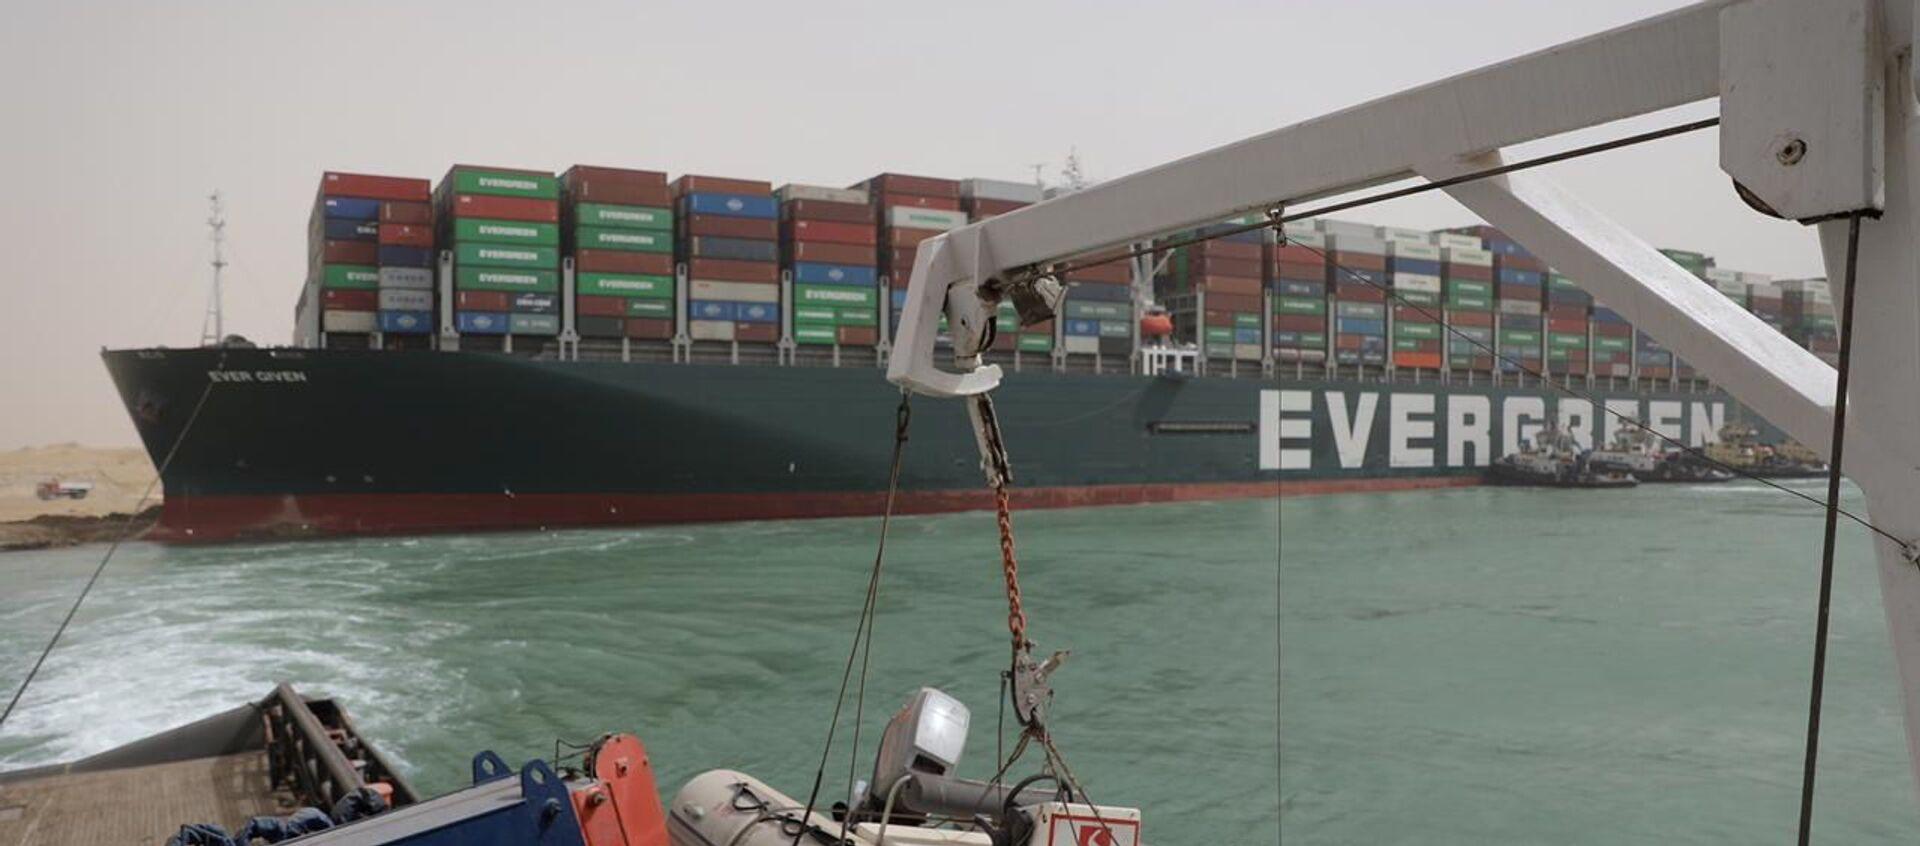 La nave cargo Ever Given arenata sul Canale di Suez - Sputnik Italia, 1920, 25.03.2021